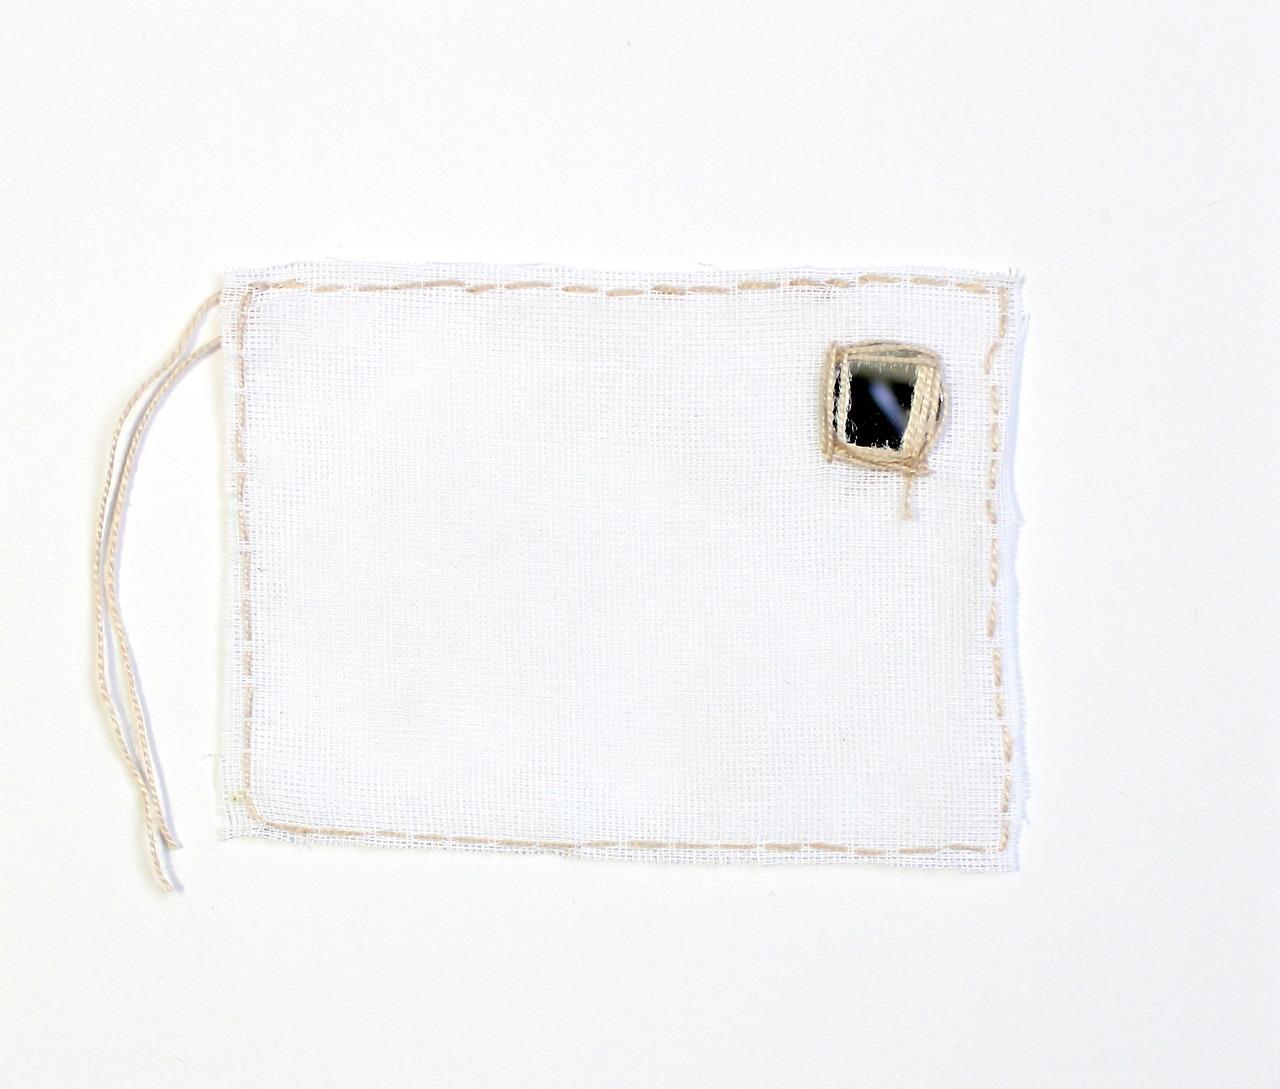 Ana Hortides_NÓS  2017 %5C bordado s. tecido e espelho %5C 9x12cm.jpg